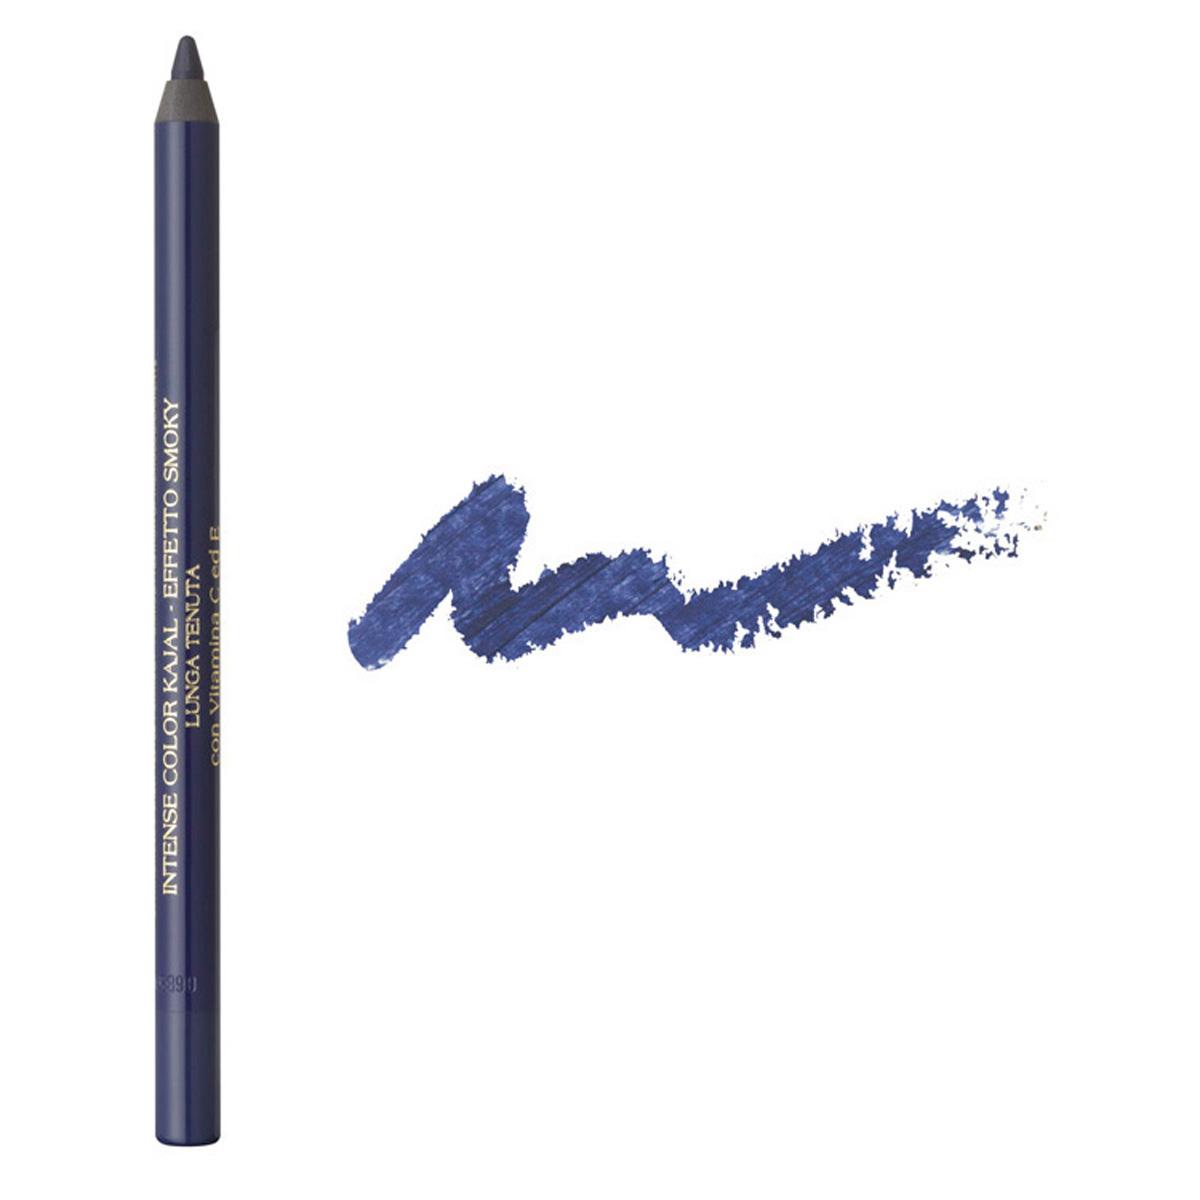 Creion de ochi cu vitamina C si E - efect smoky - rezistent